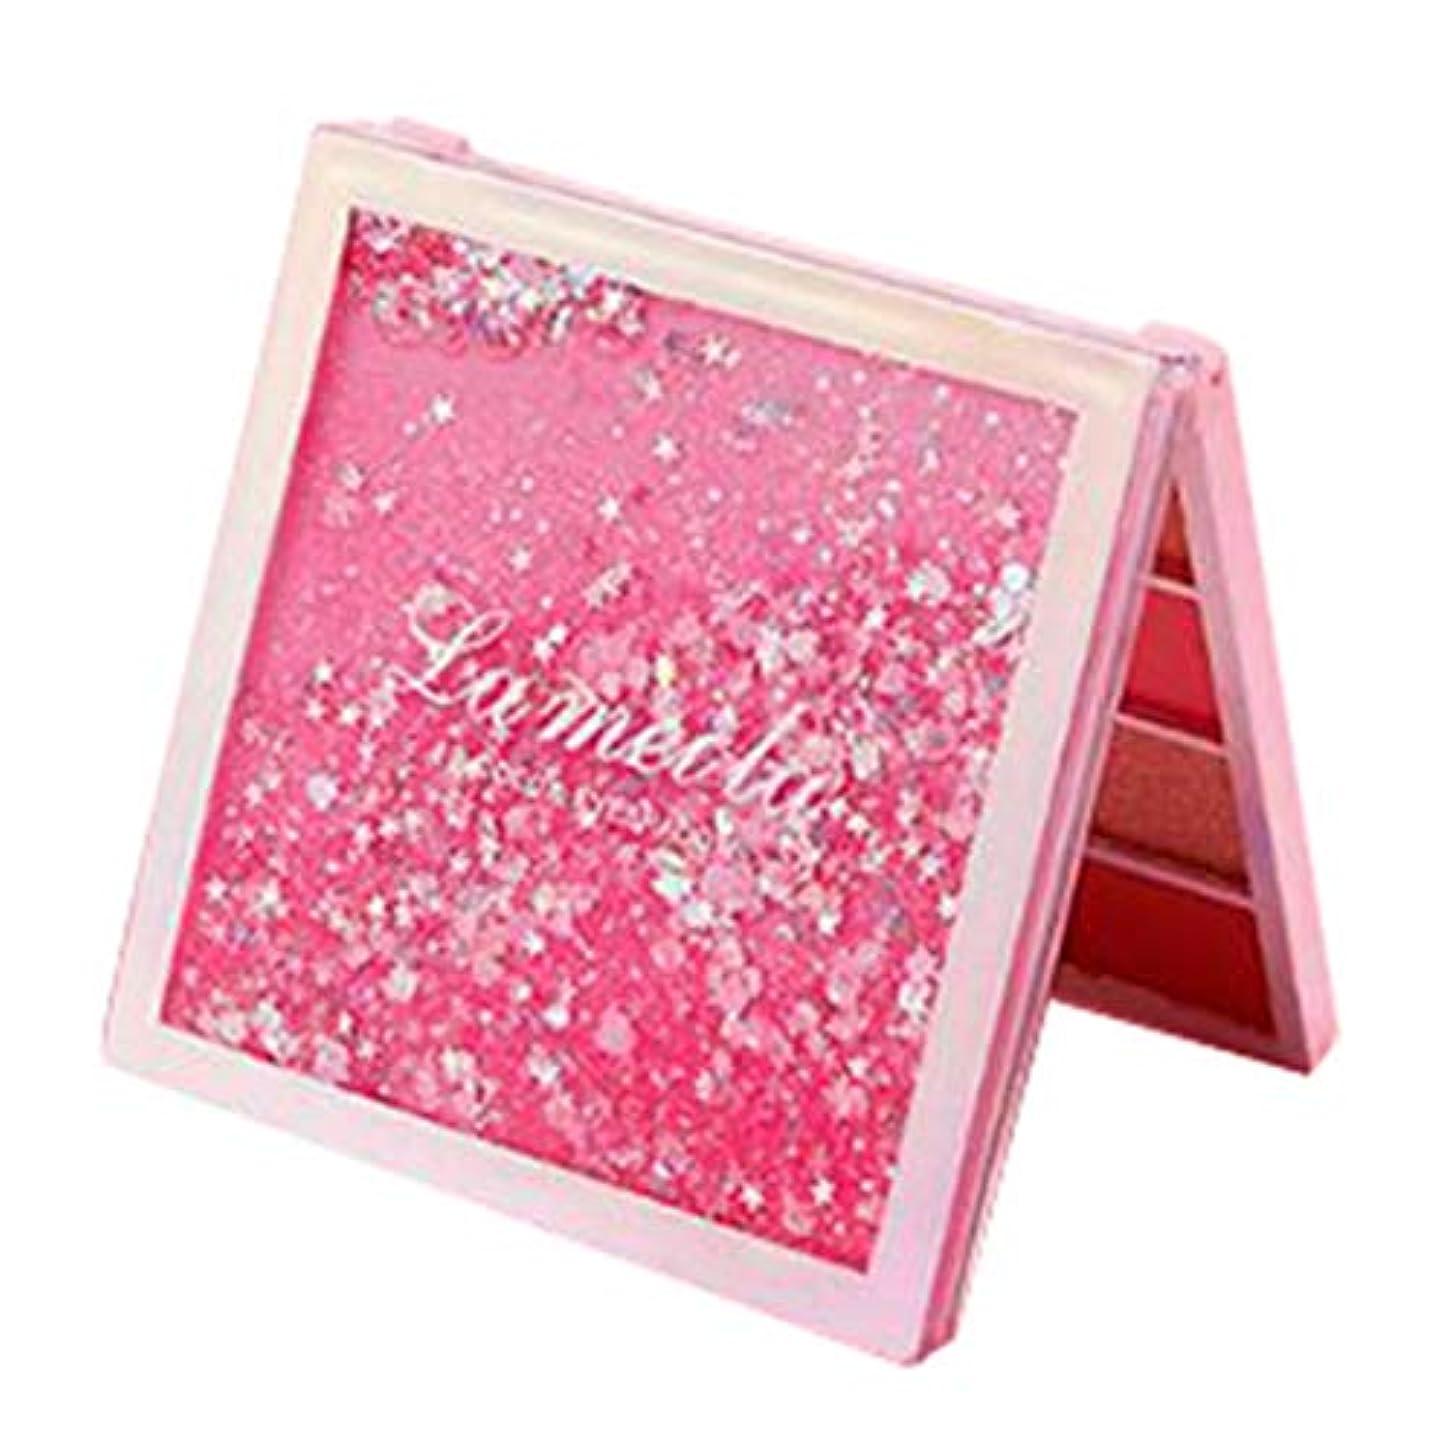 効果的にメーカーリッチ12色 アイシャドウ アイシャドウパレット メイクアップパレット マット キラキラ 色付けしやすい 長持ち 防水 - ピンク